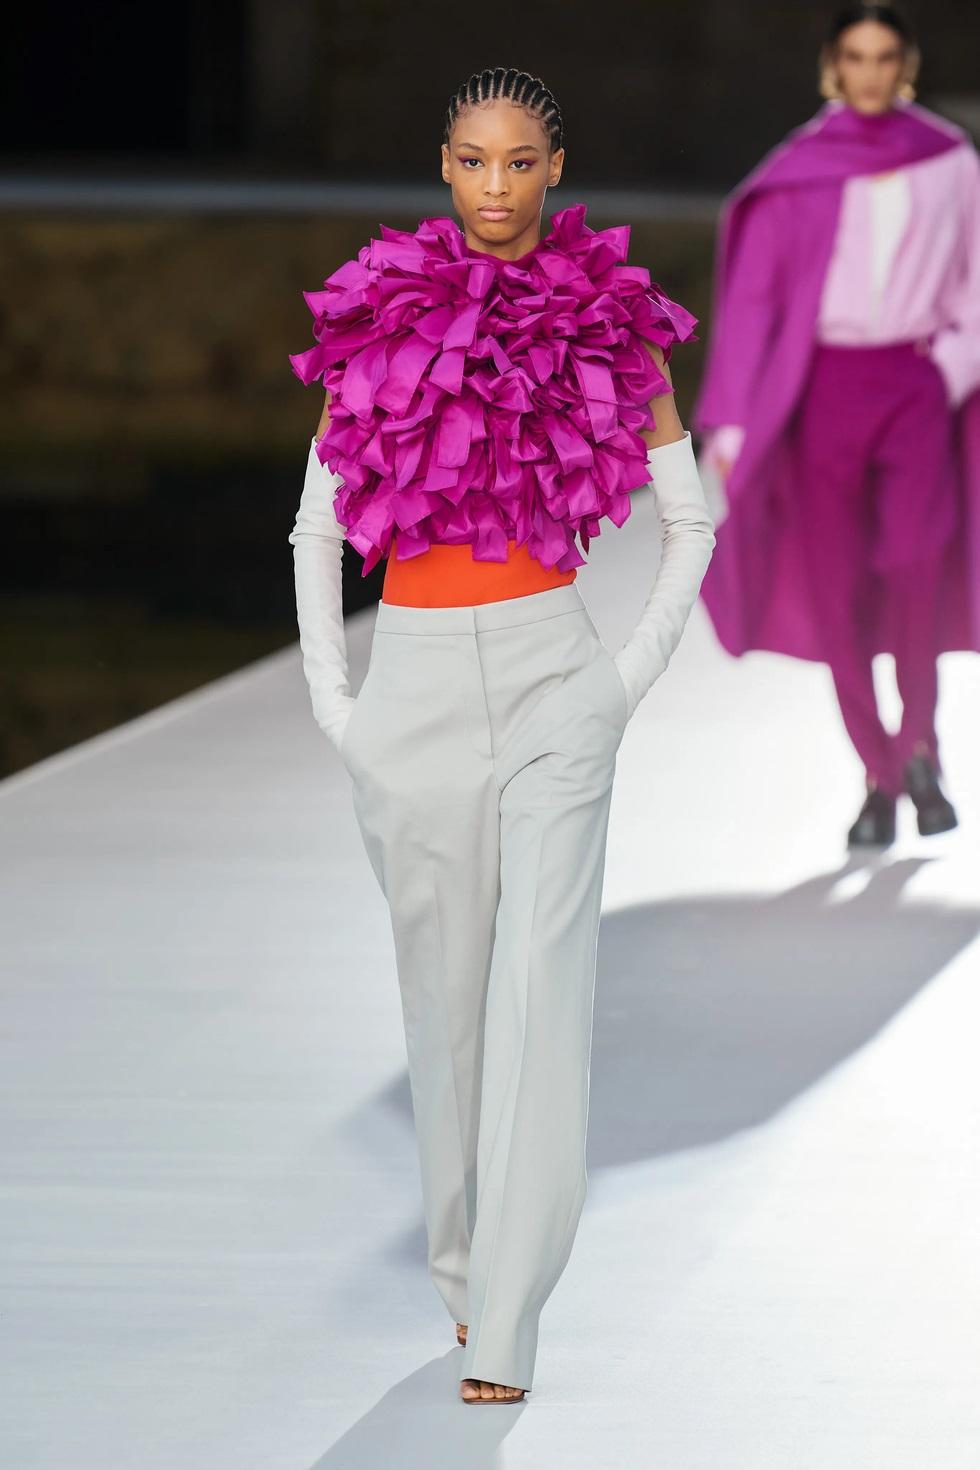 Valentino ra mắt bộ sưu tập Haute couture tôn kính thành phố Venice - 2